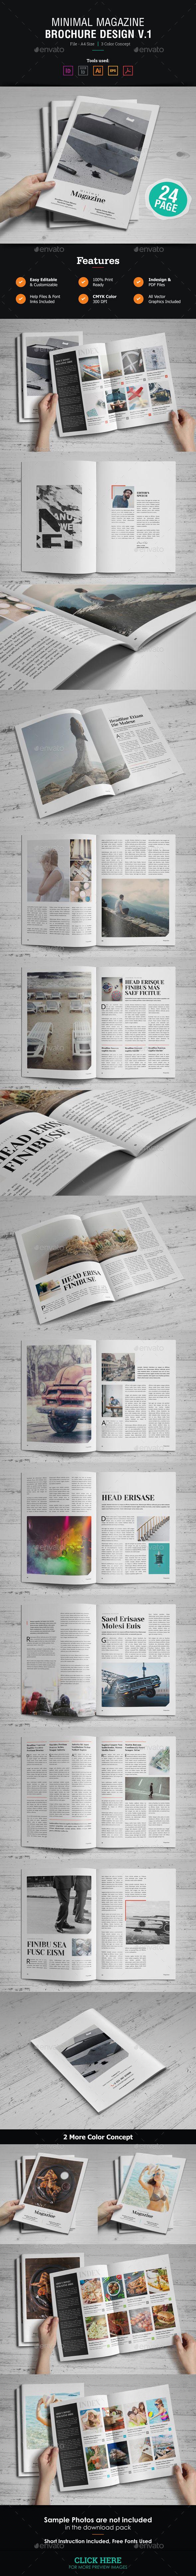 Minimal Magazine Design